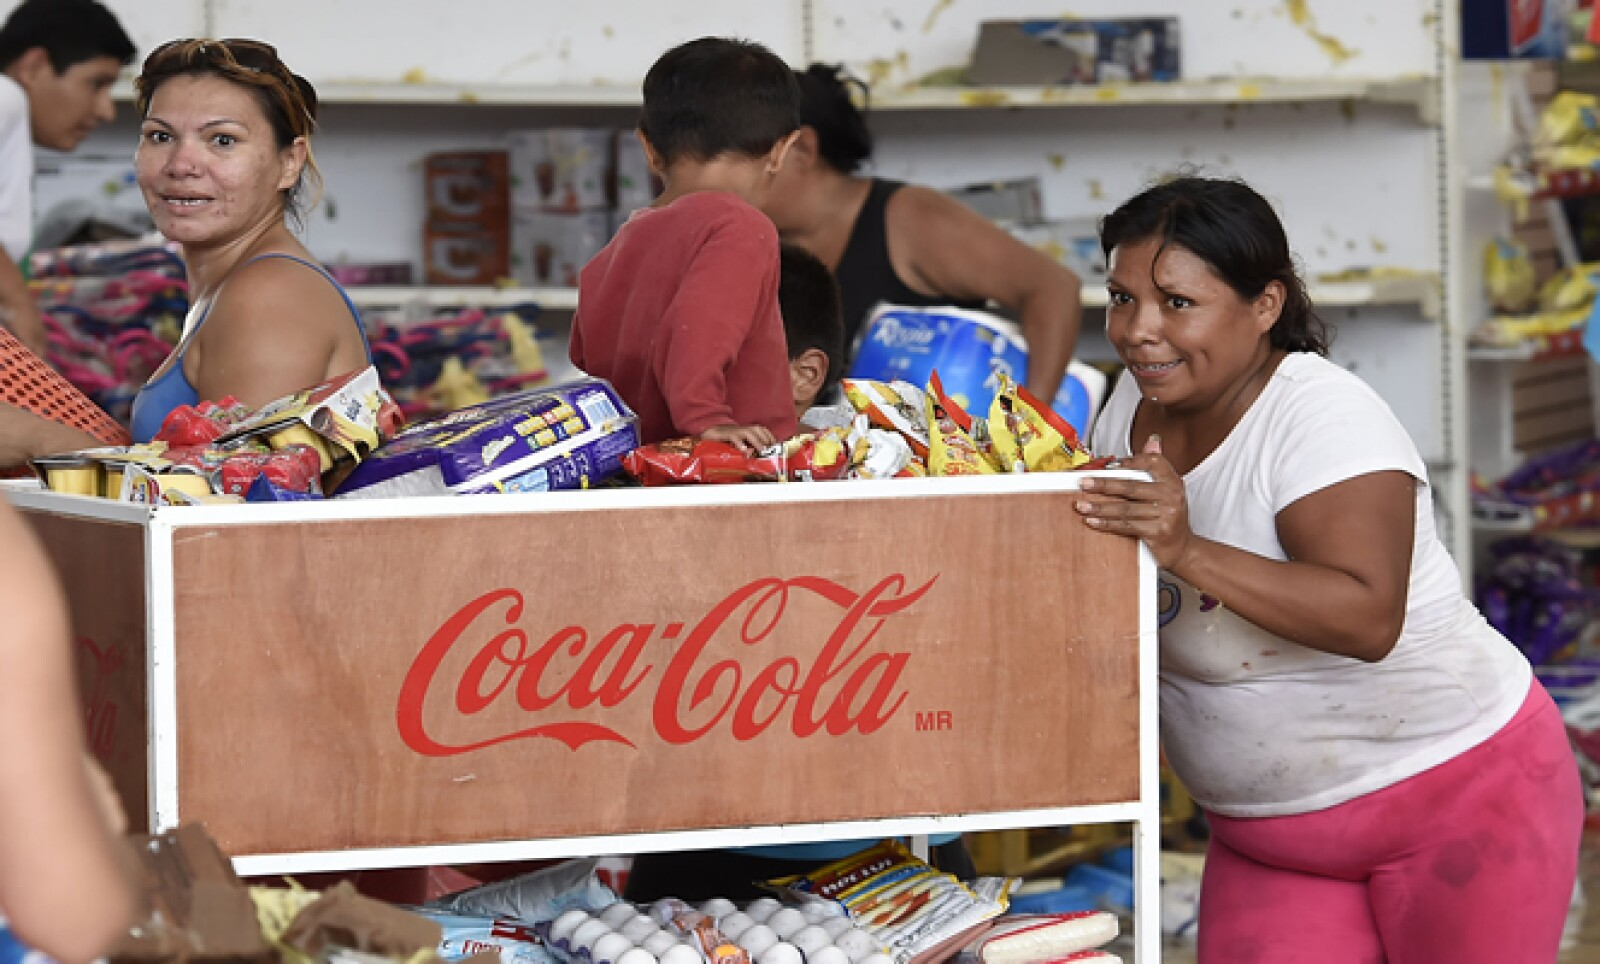 Agua y papel higiénico, son los productos más buscados por los residentes de Los Cabos, en Baja California, que cuatro días después del paso del huracán Odile, siguen sin agua ni electricidad.